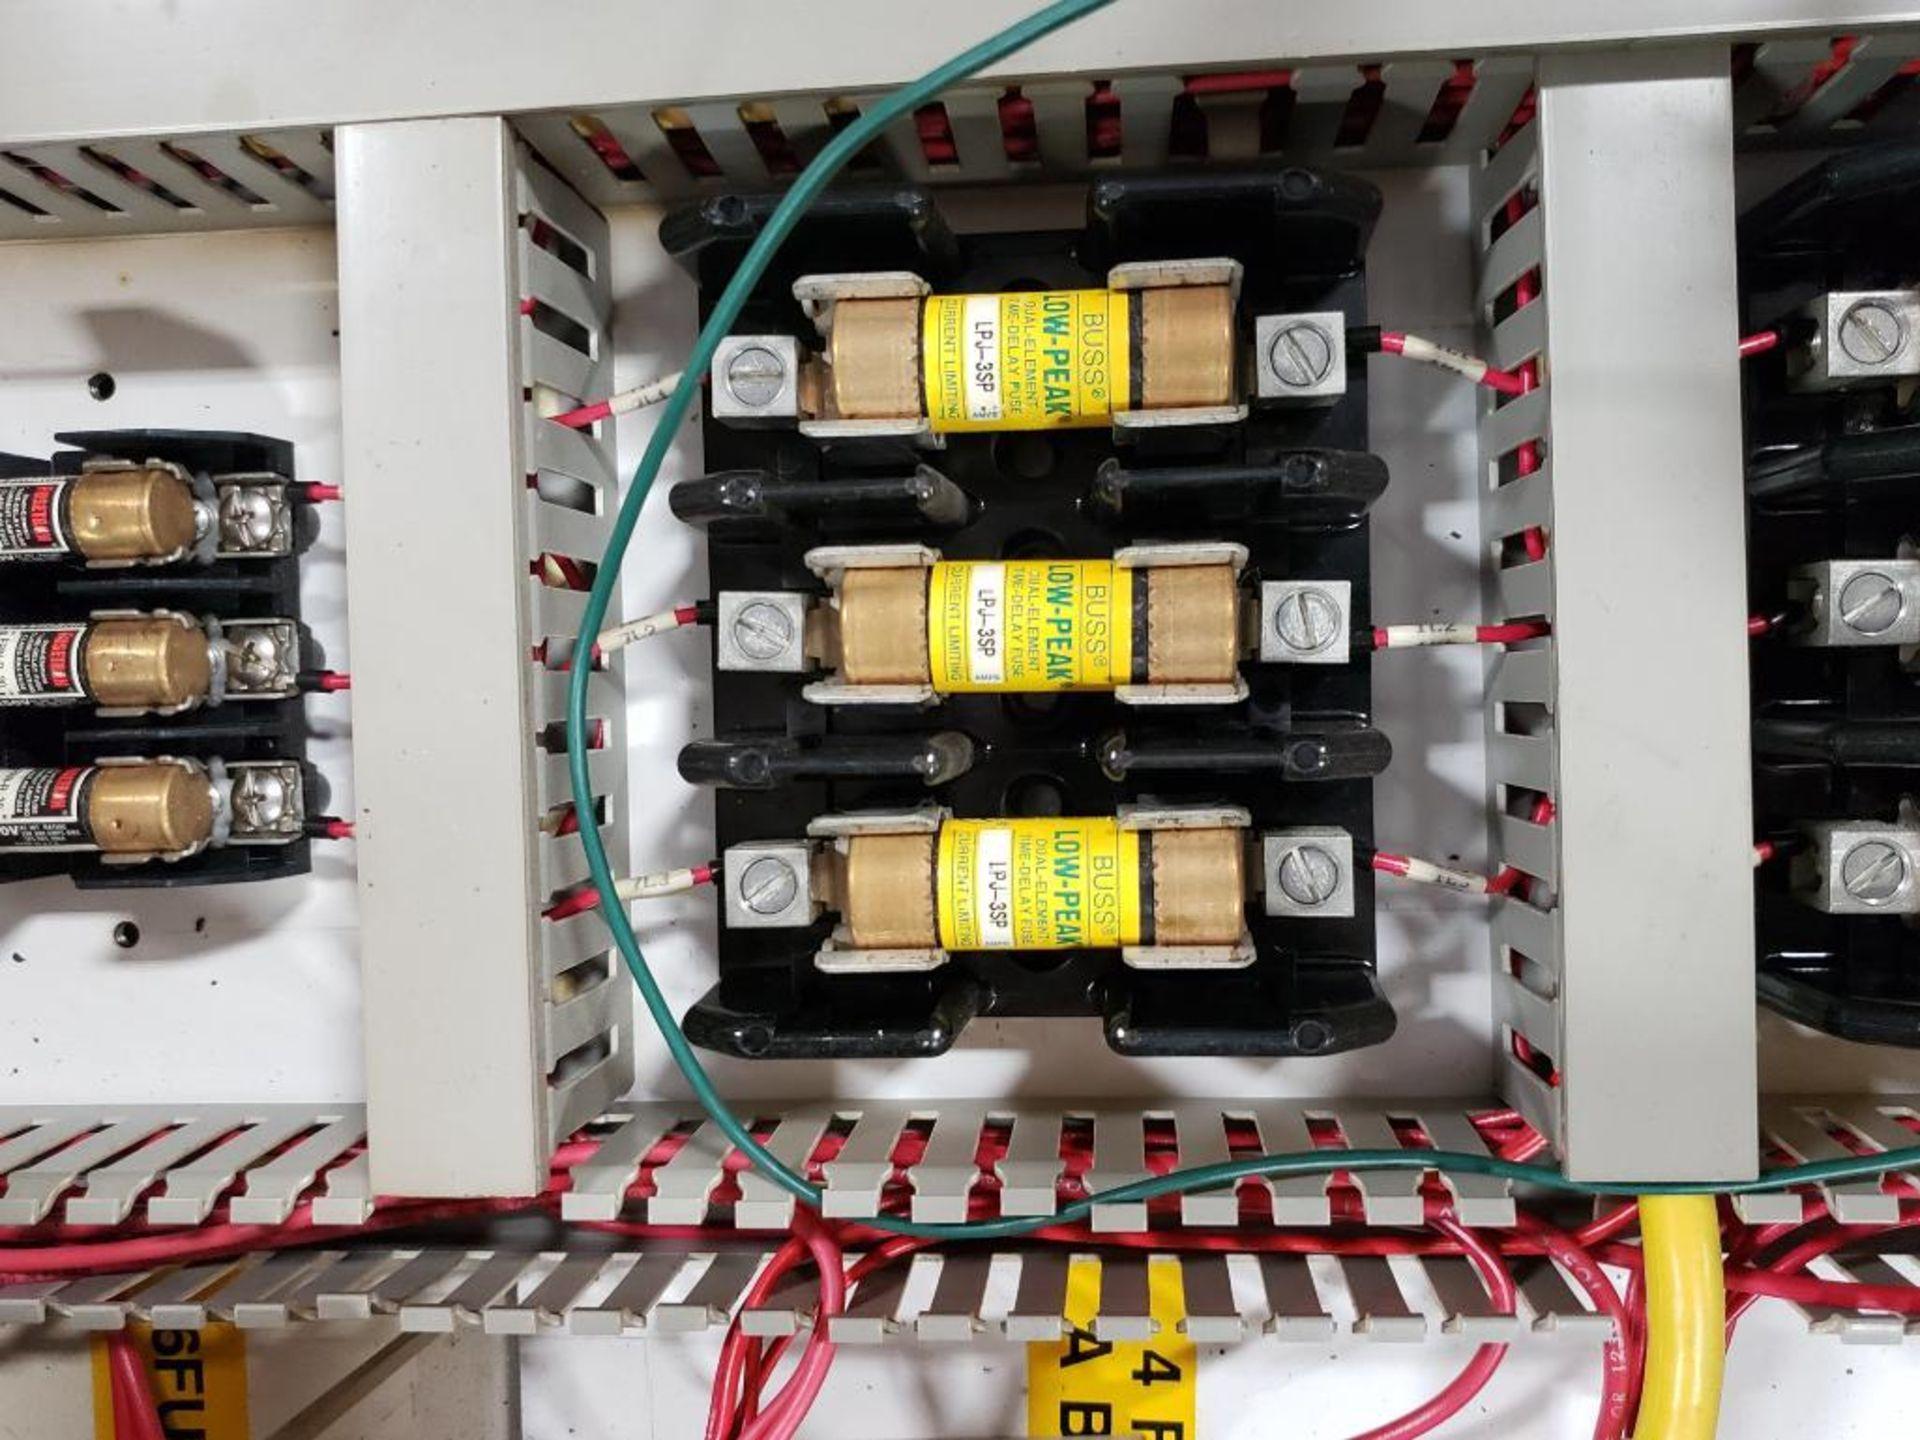 Chiller control cabinet. Hoffman enclosure, Cutler Hammer AF93AG0B007D drive, Allen Bradley drive. - Image 30 of 35